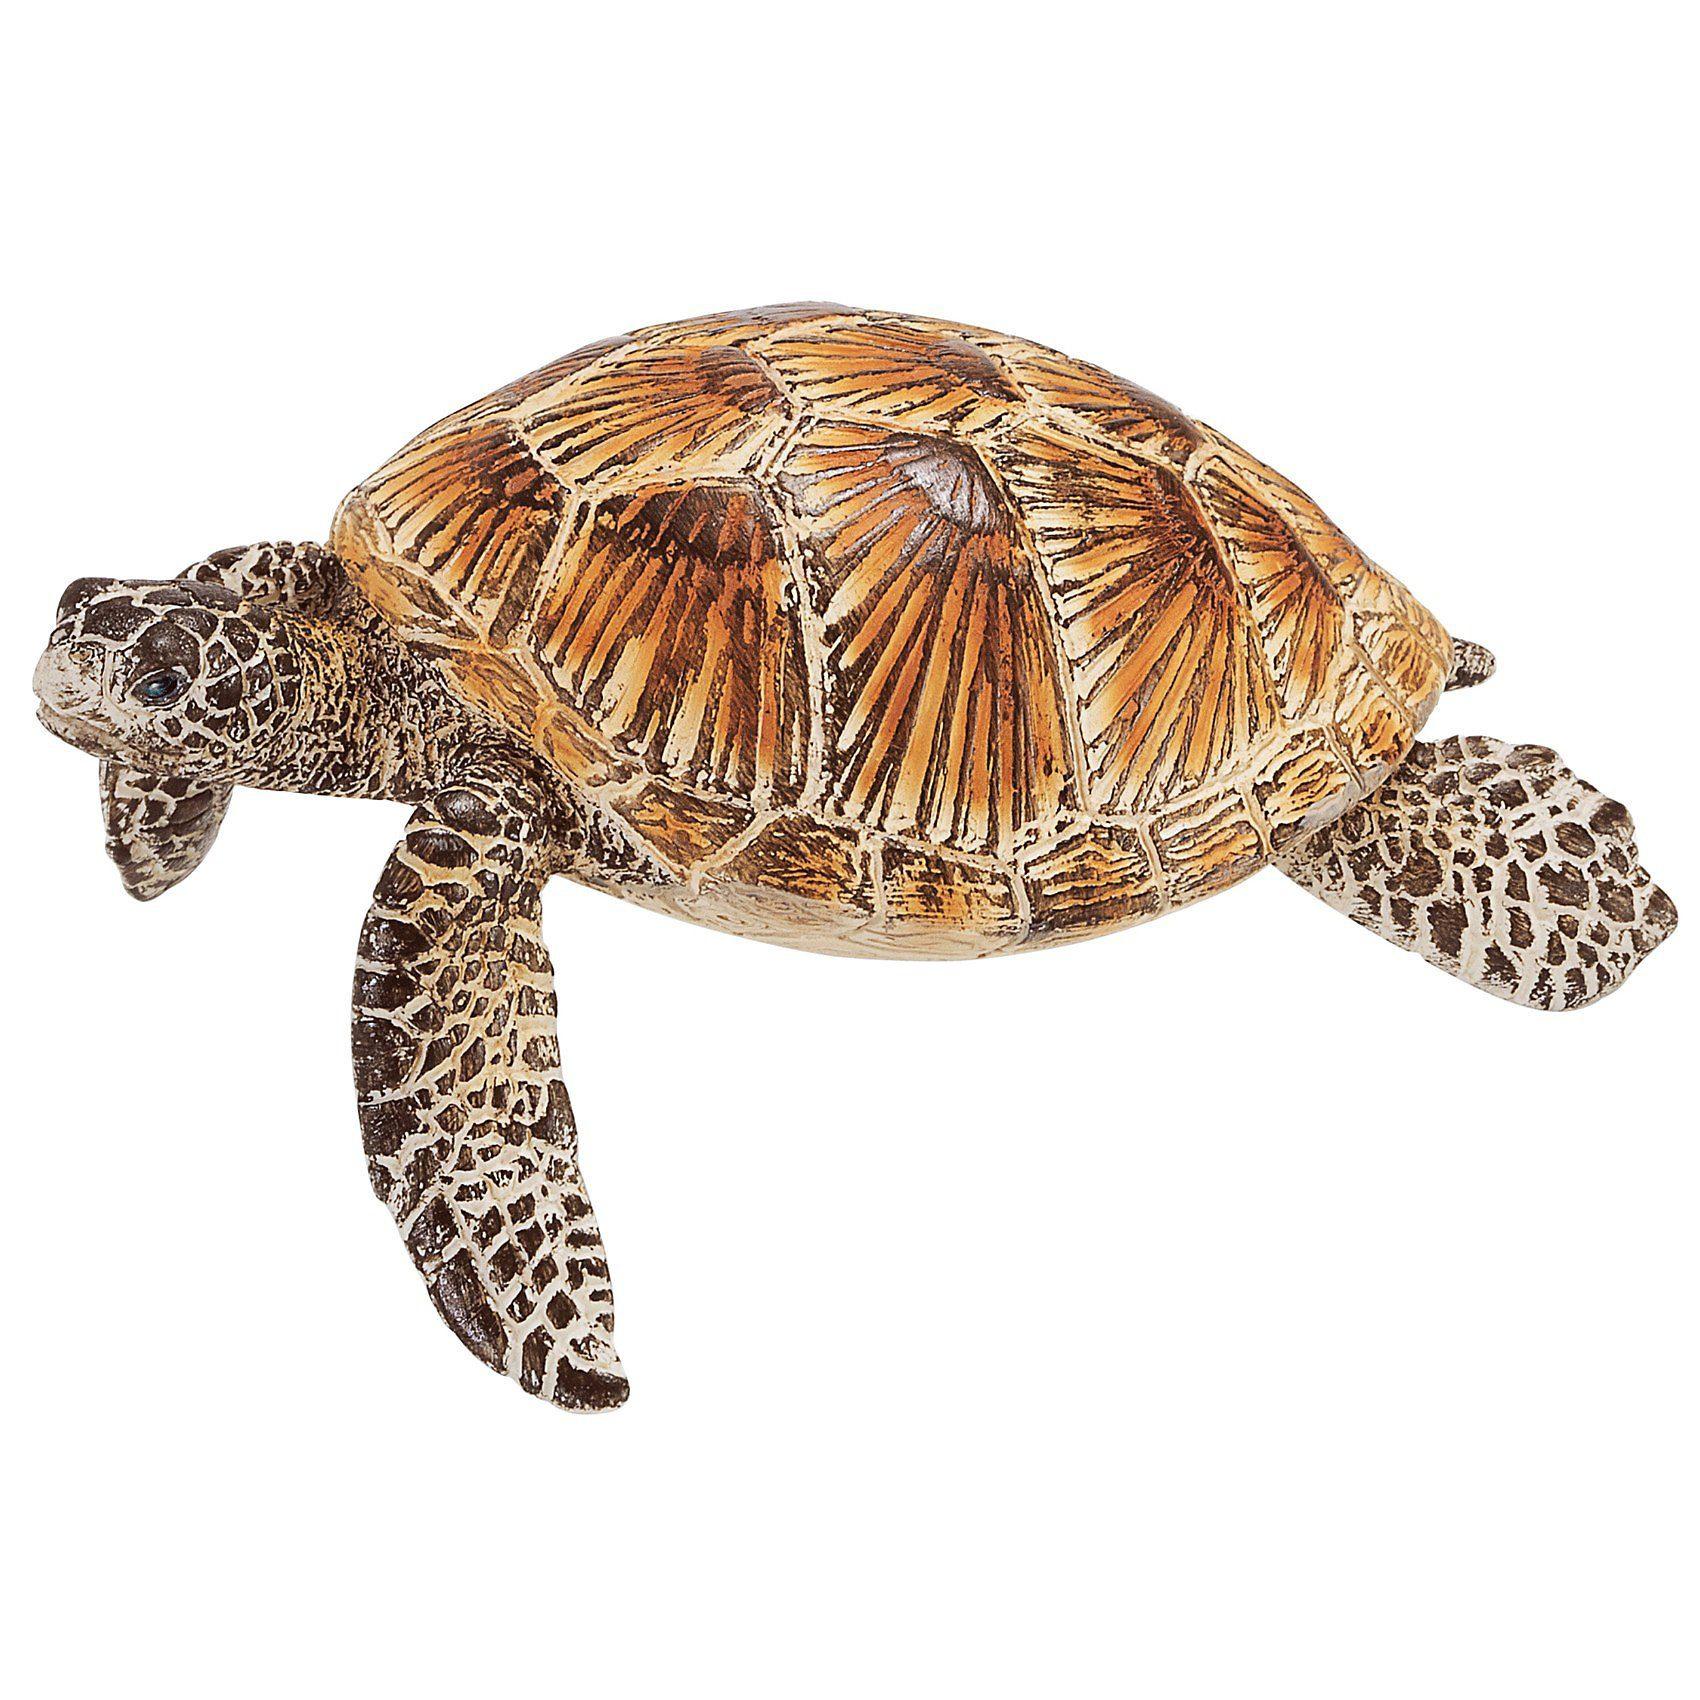 Schleich 14695 Wild Life: Seetiere Meeresschildkröte